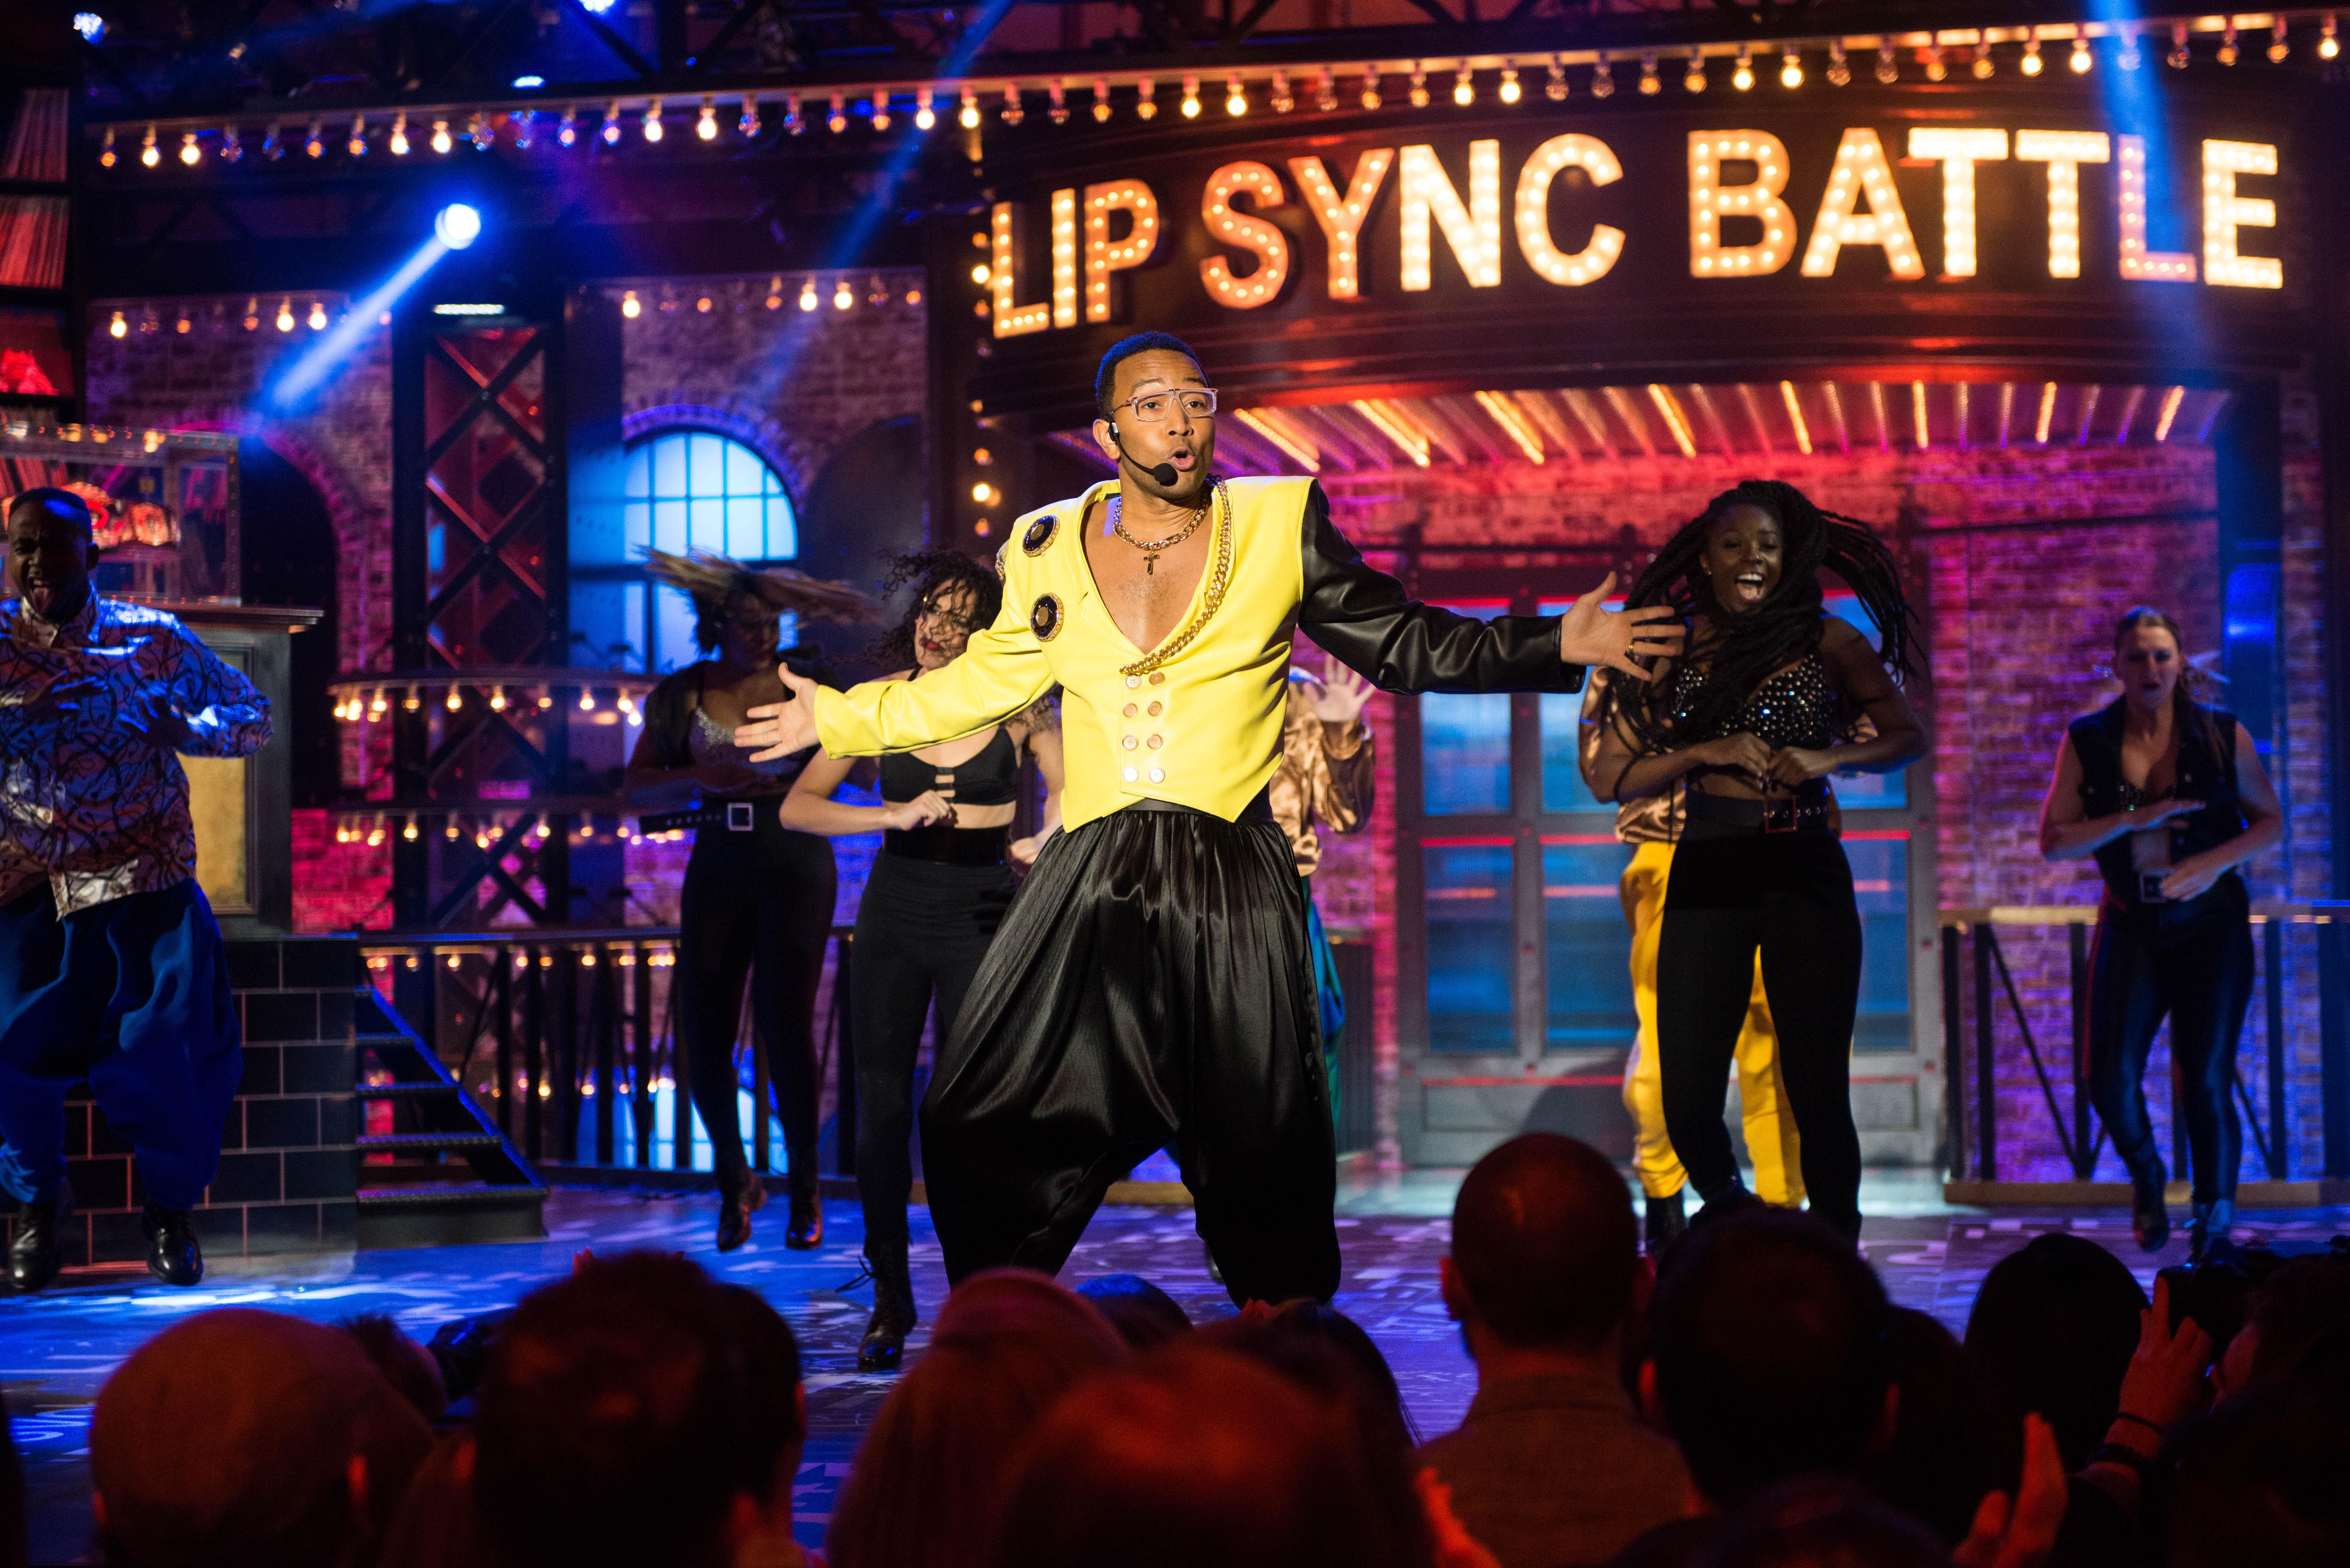 ジャスティン・ビーバーがオジー・オズボーンに!?来日前のリップ・シンクを見逃すな!【MTV LIP SYNC BATTLE特集】 music160720_justinbieber_LSB_2-John-Legend04